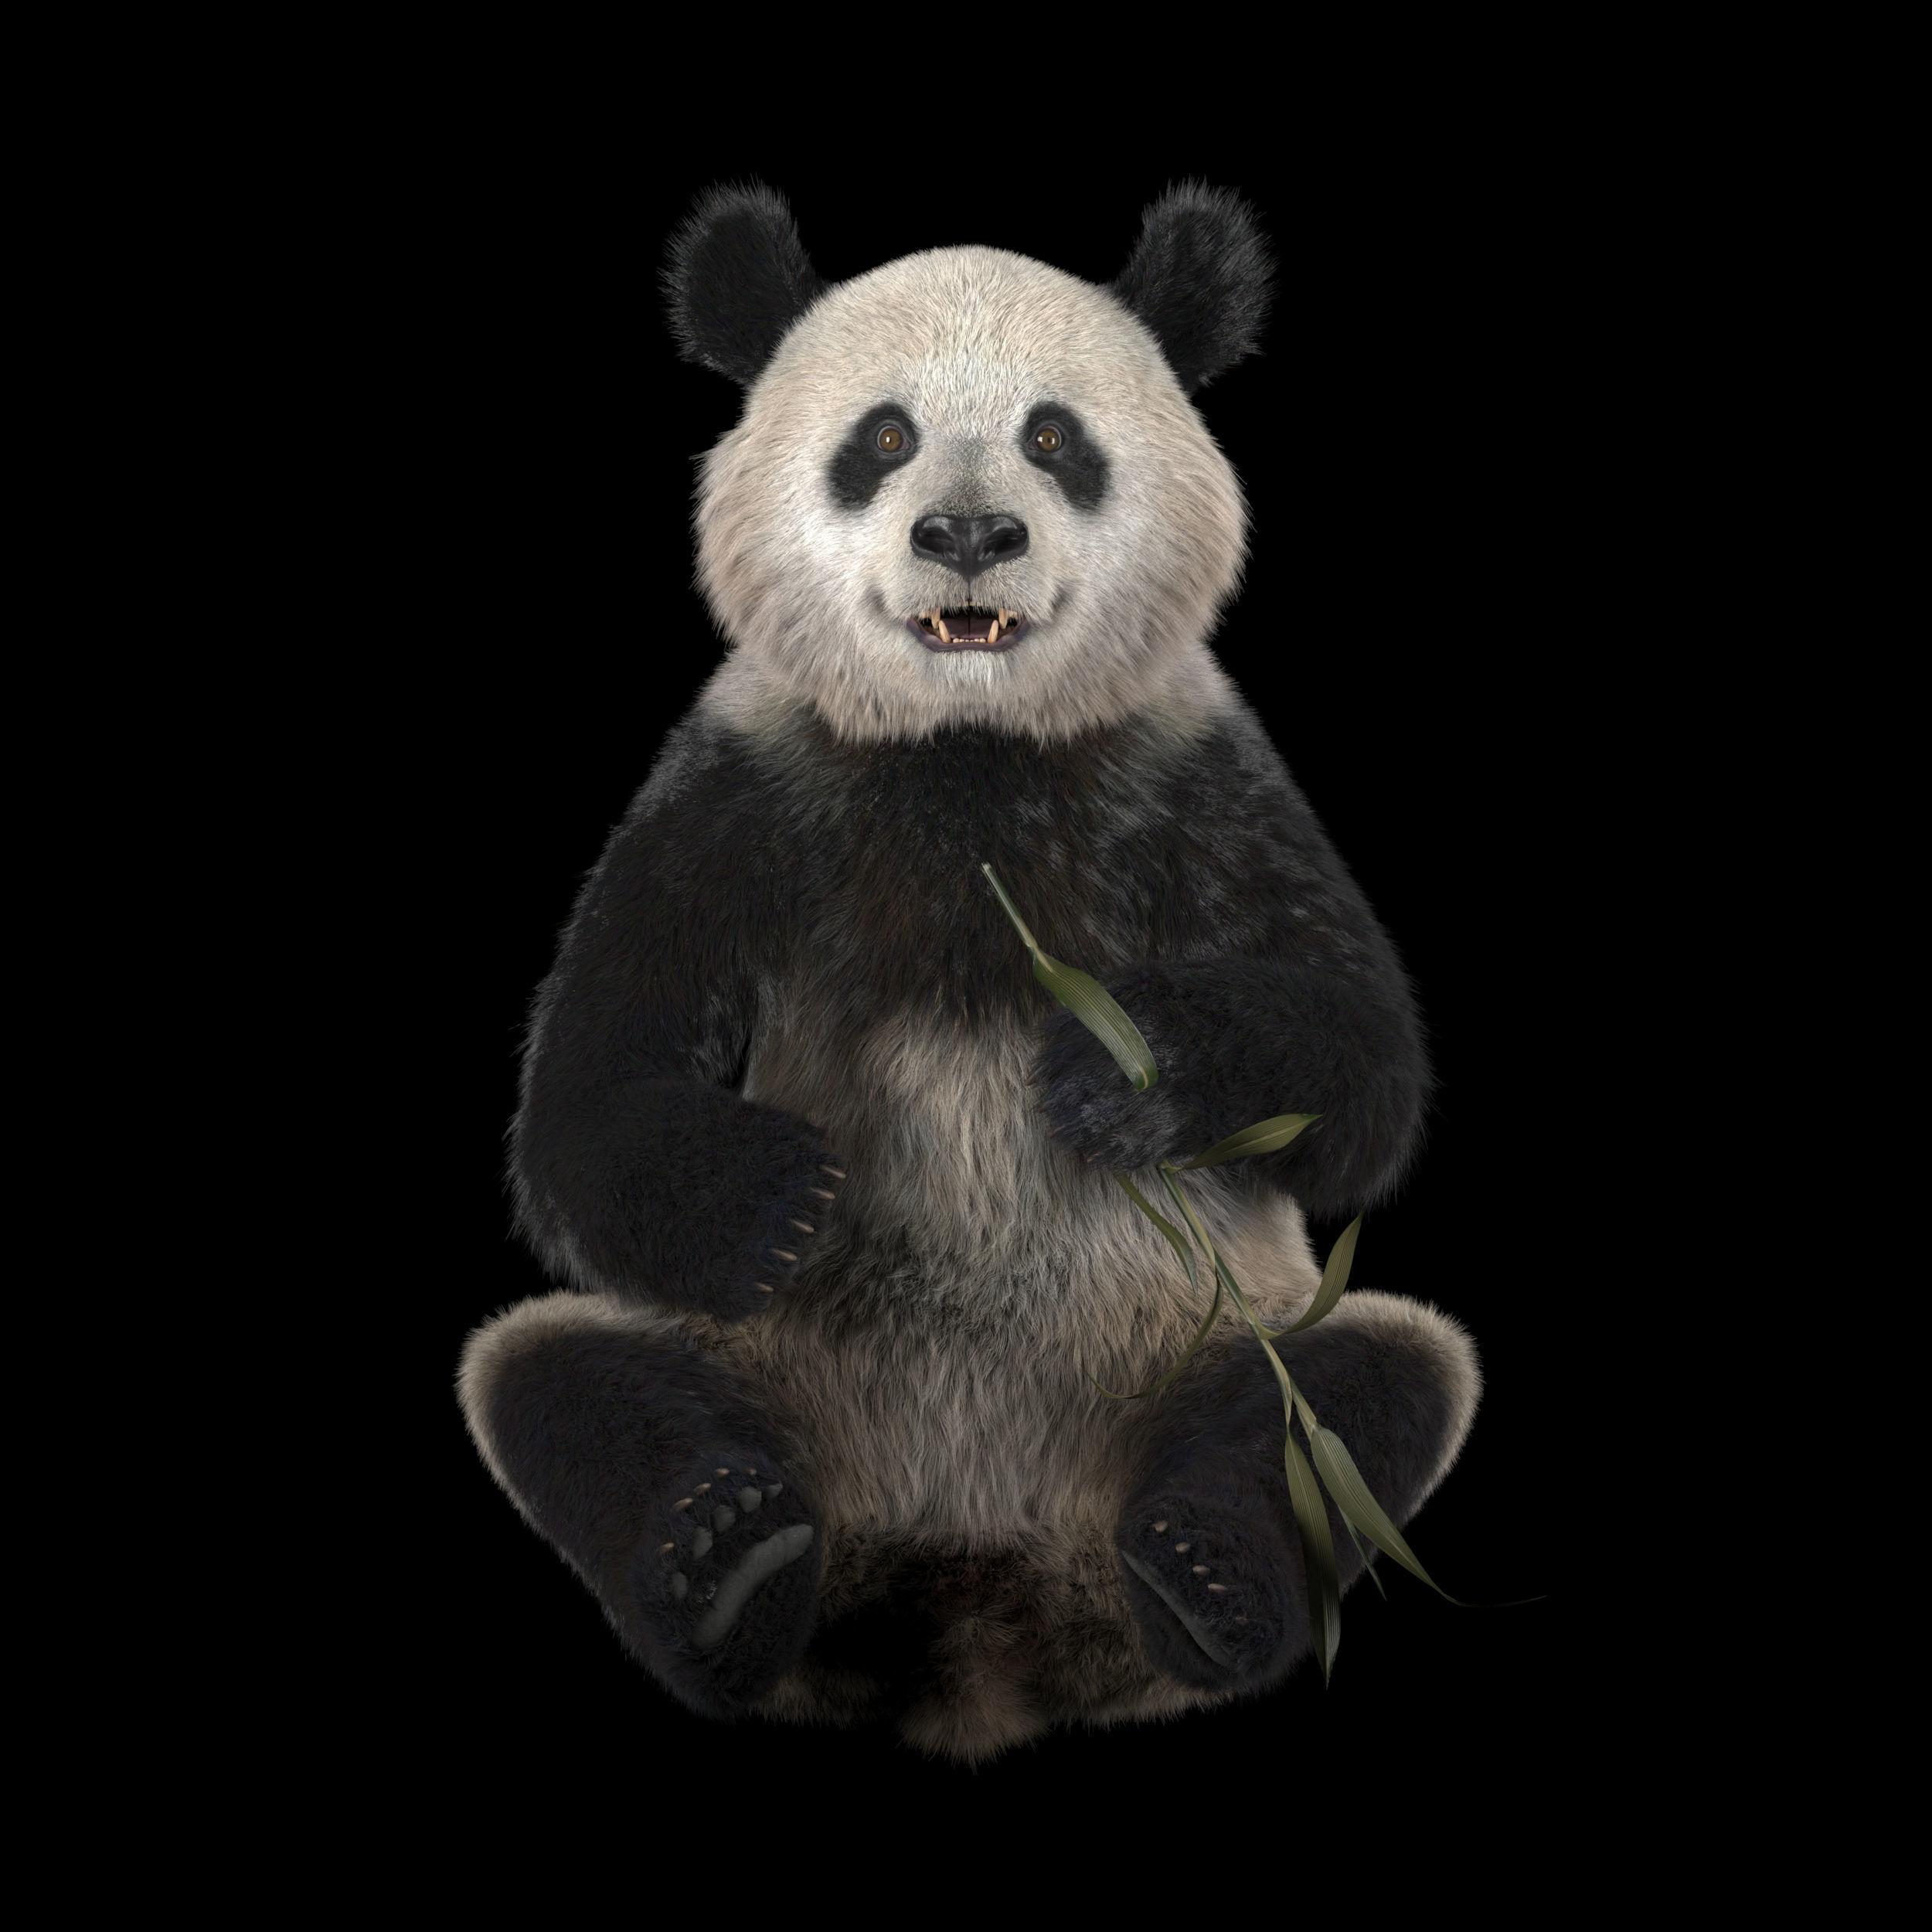 Download 89+ Gambar Panda 3d Keren Gratis